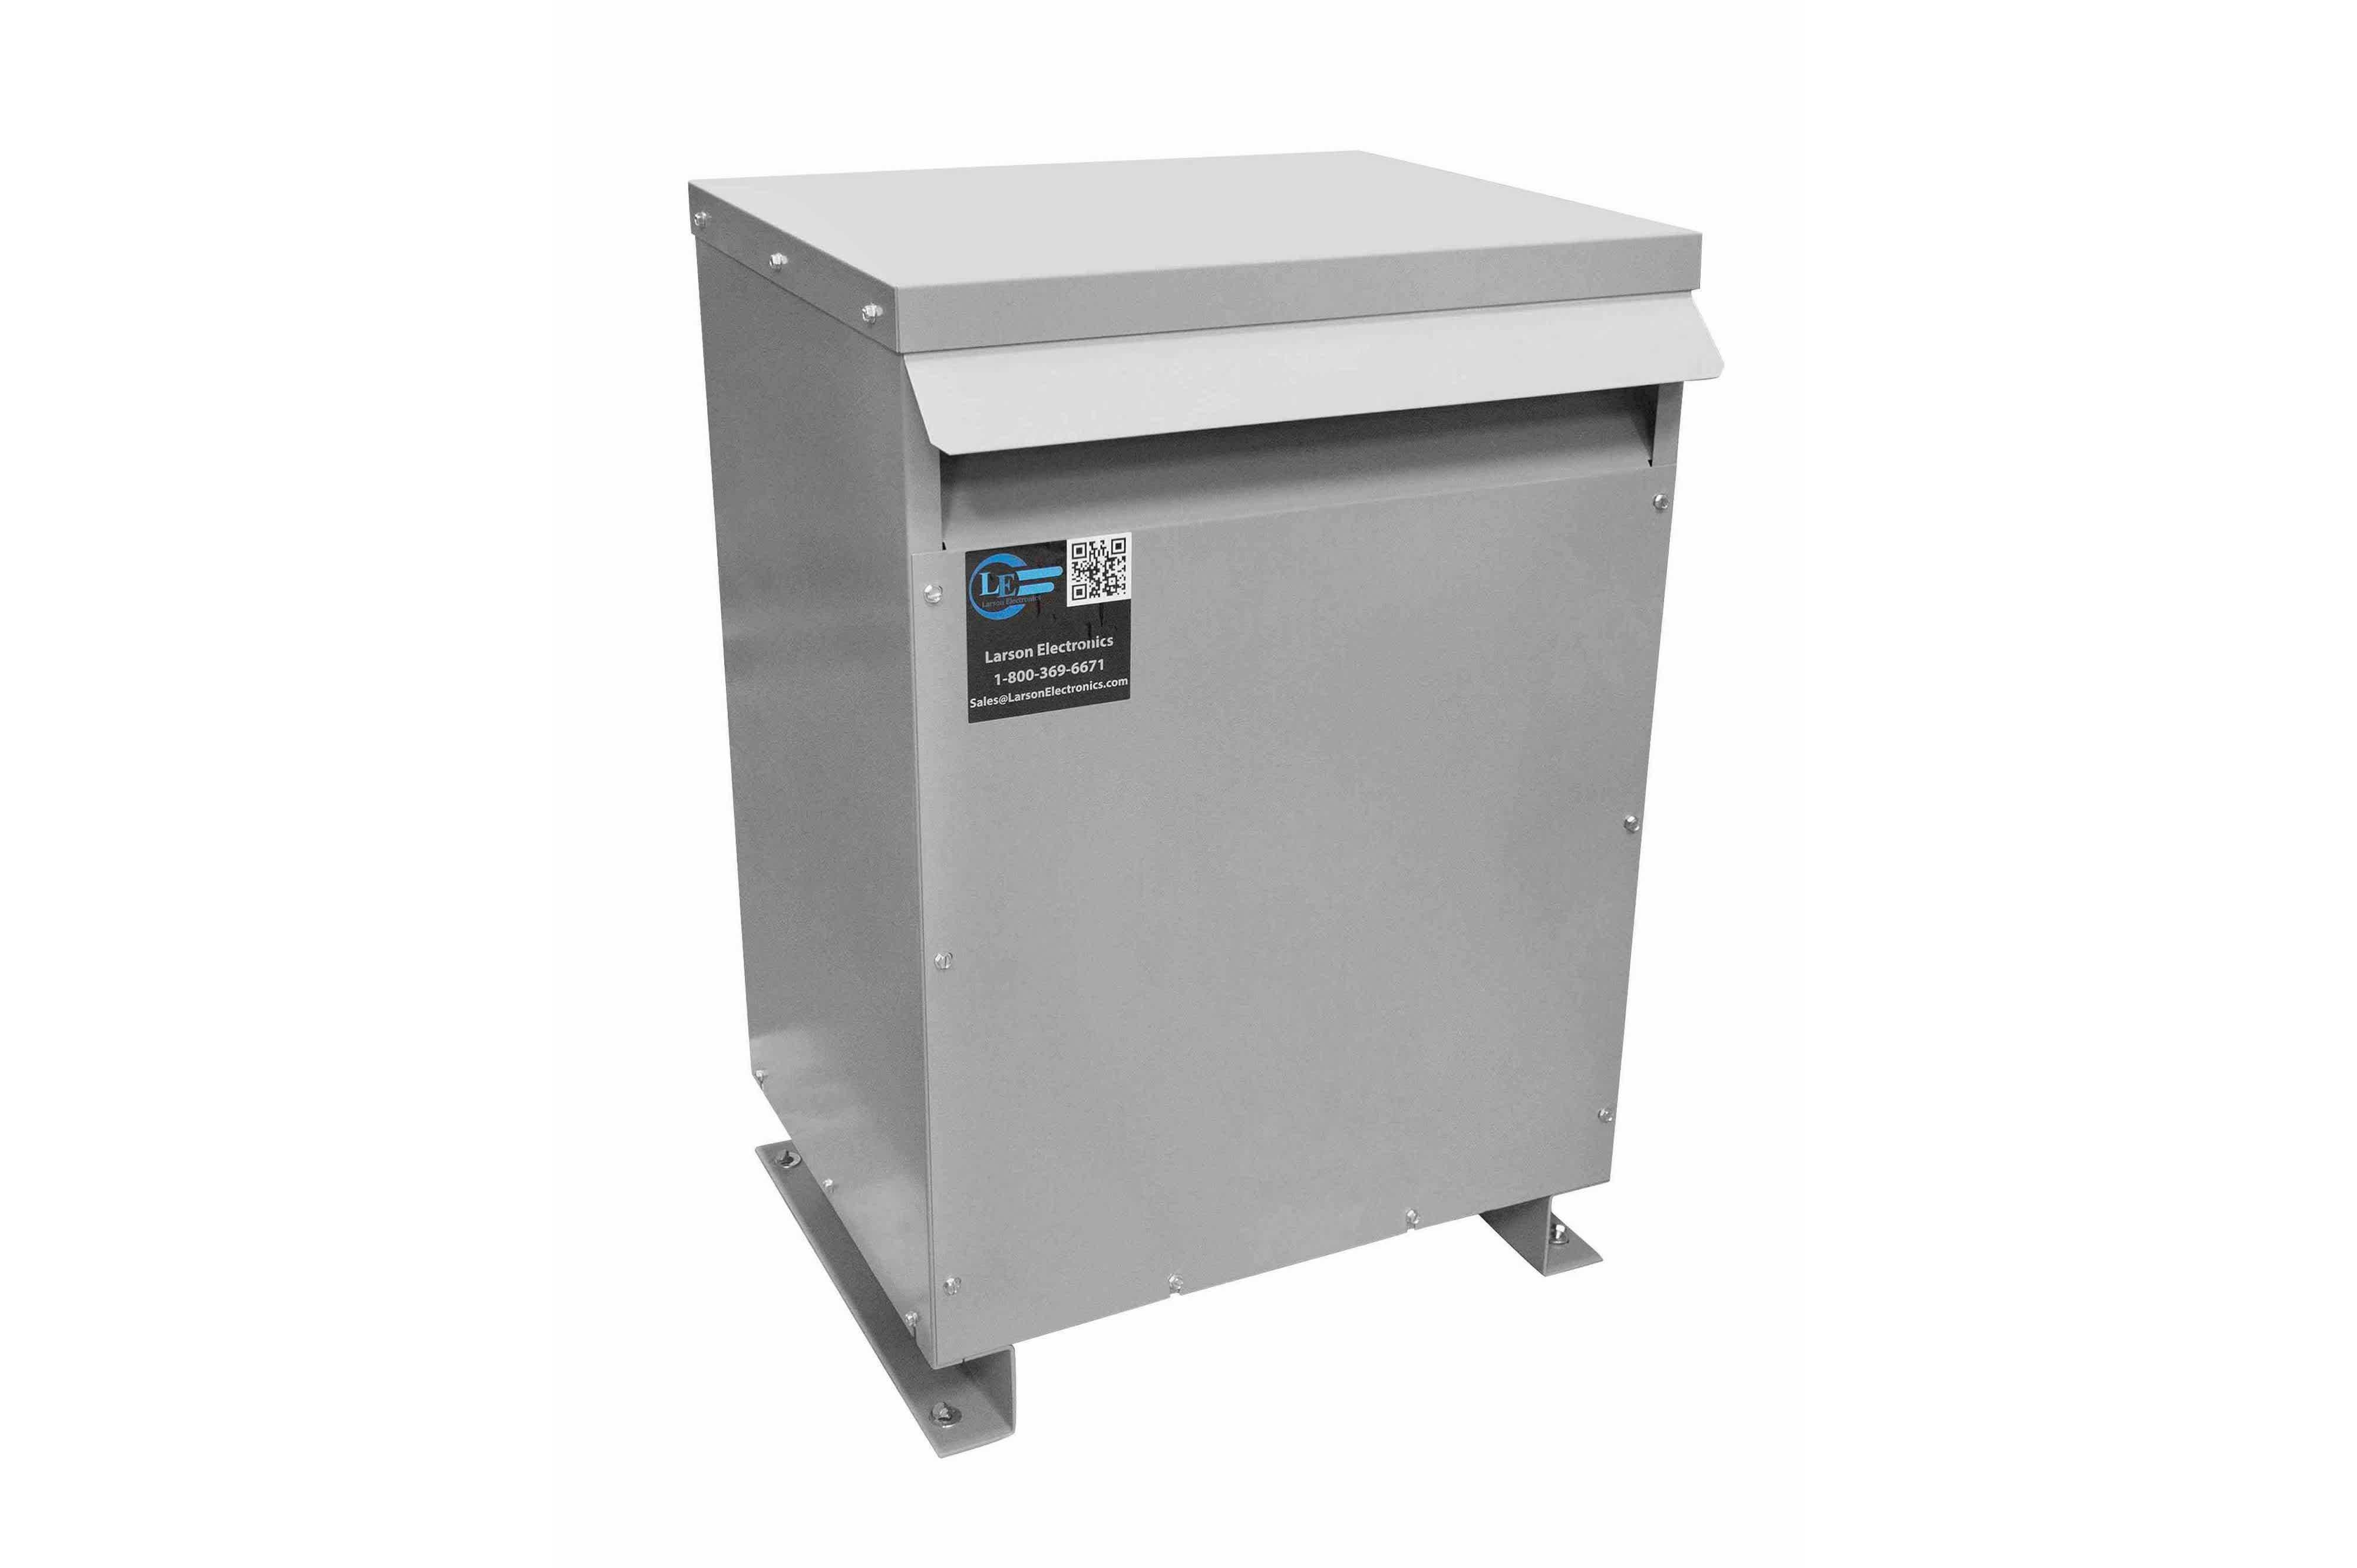 110 kVA 3PH Isolation Transformer, 600V Delta Primary, 380V Delta Secondary, N3R, Ventilated, 60 Hz